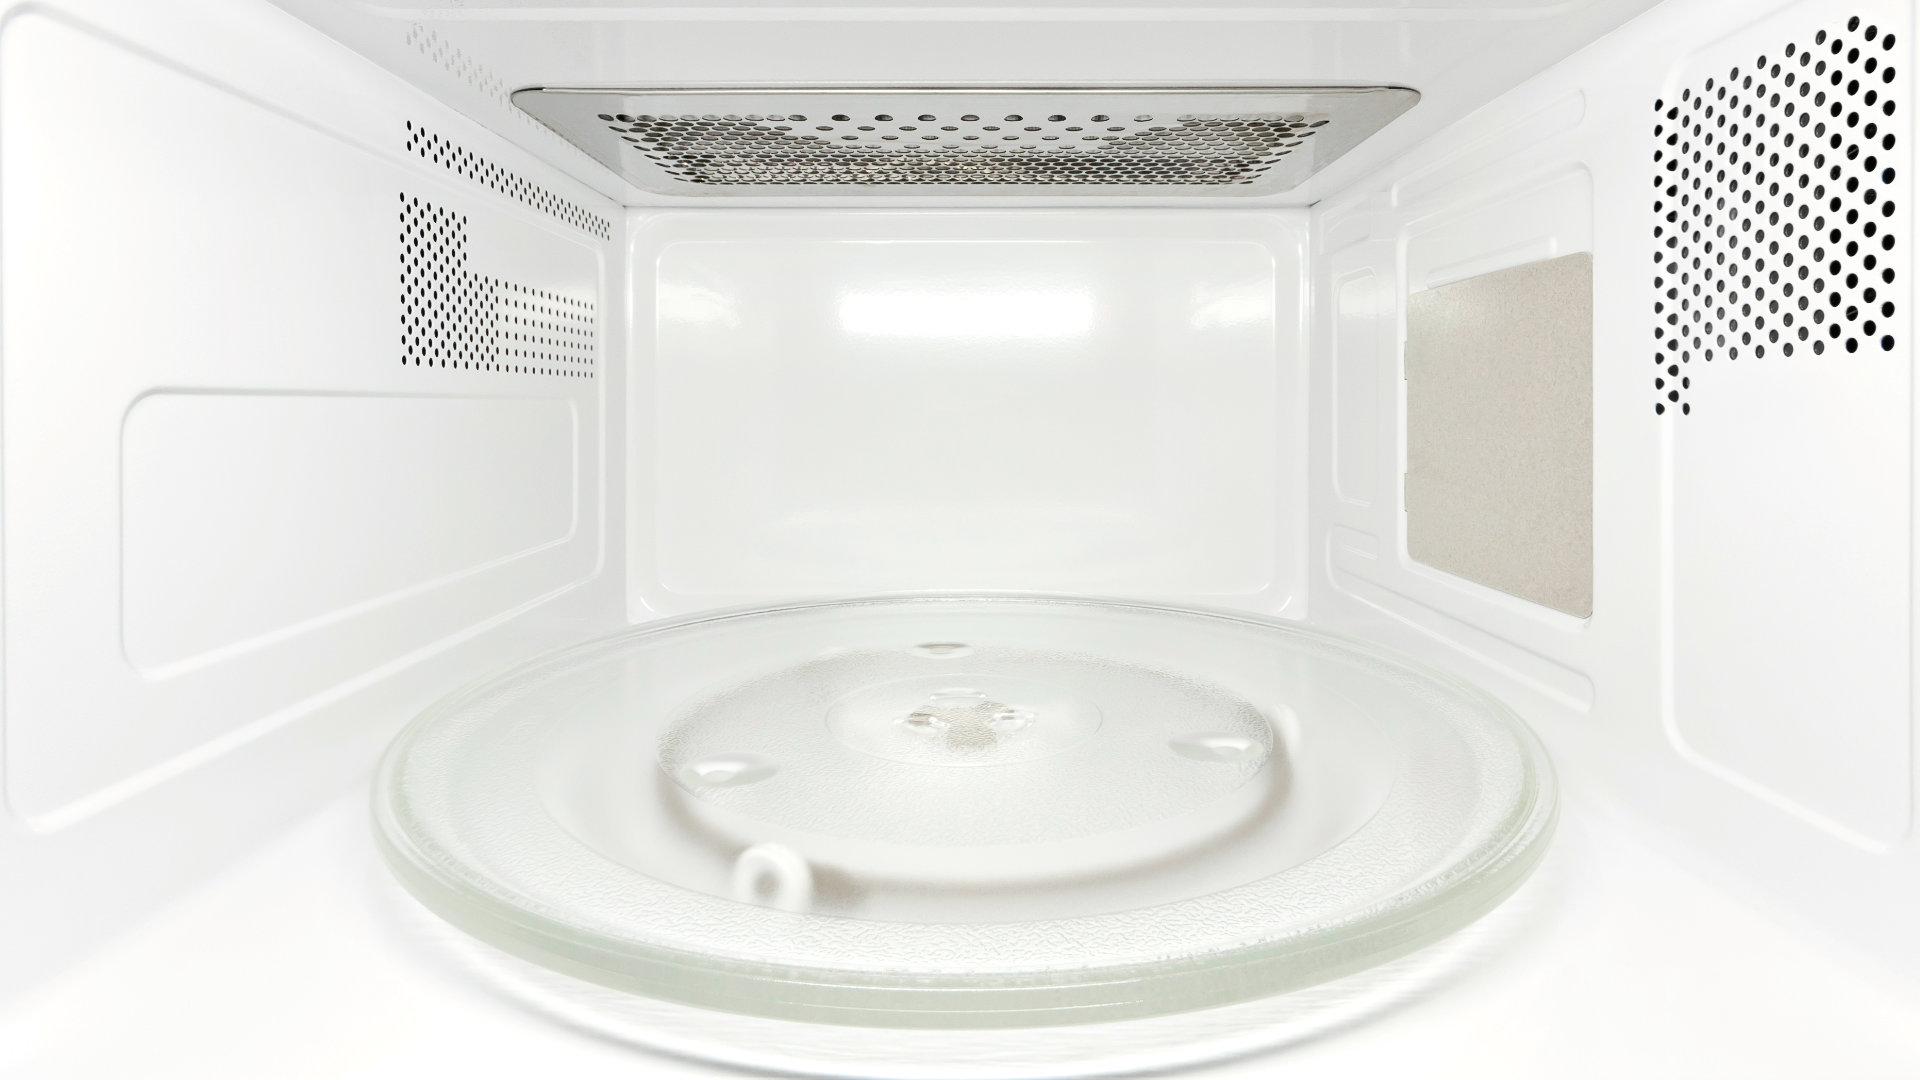 noisy microwave